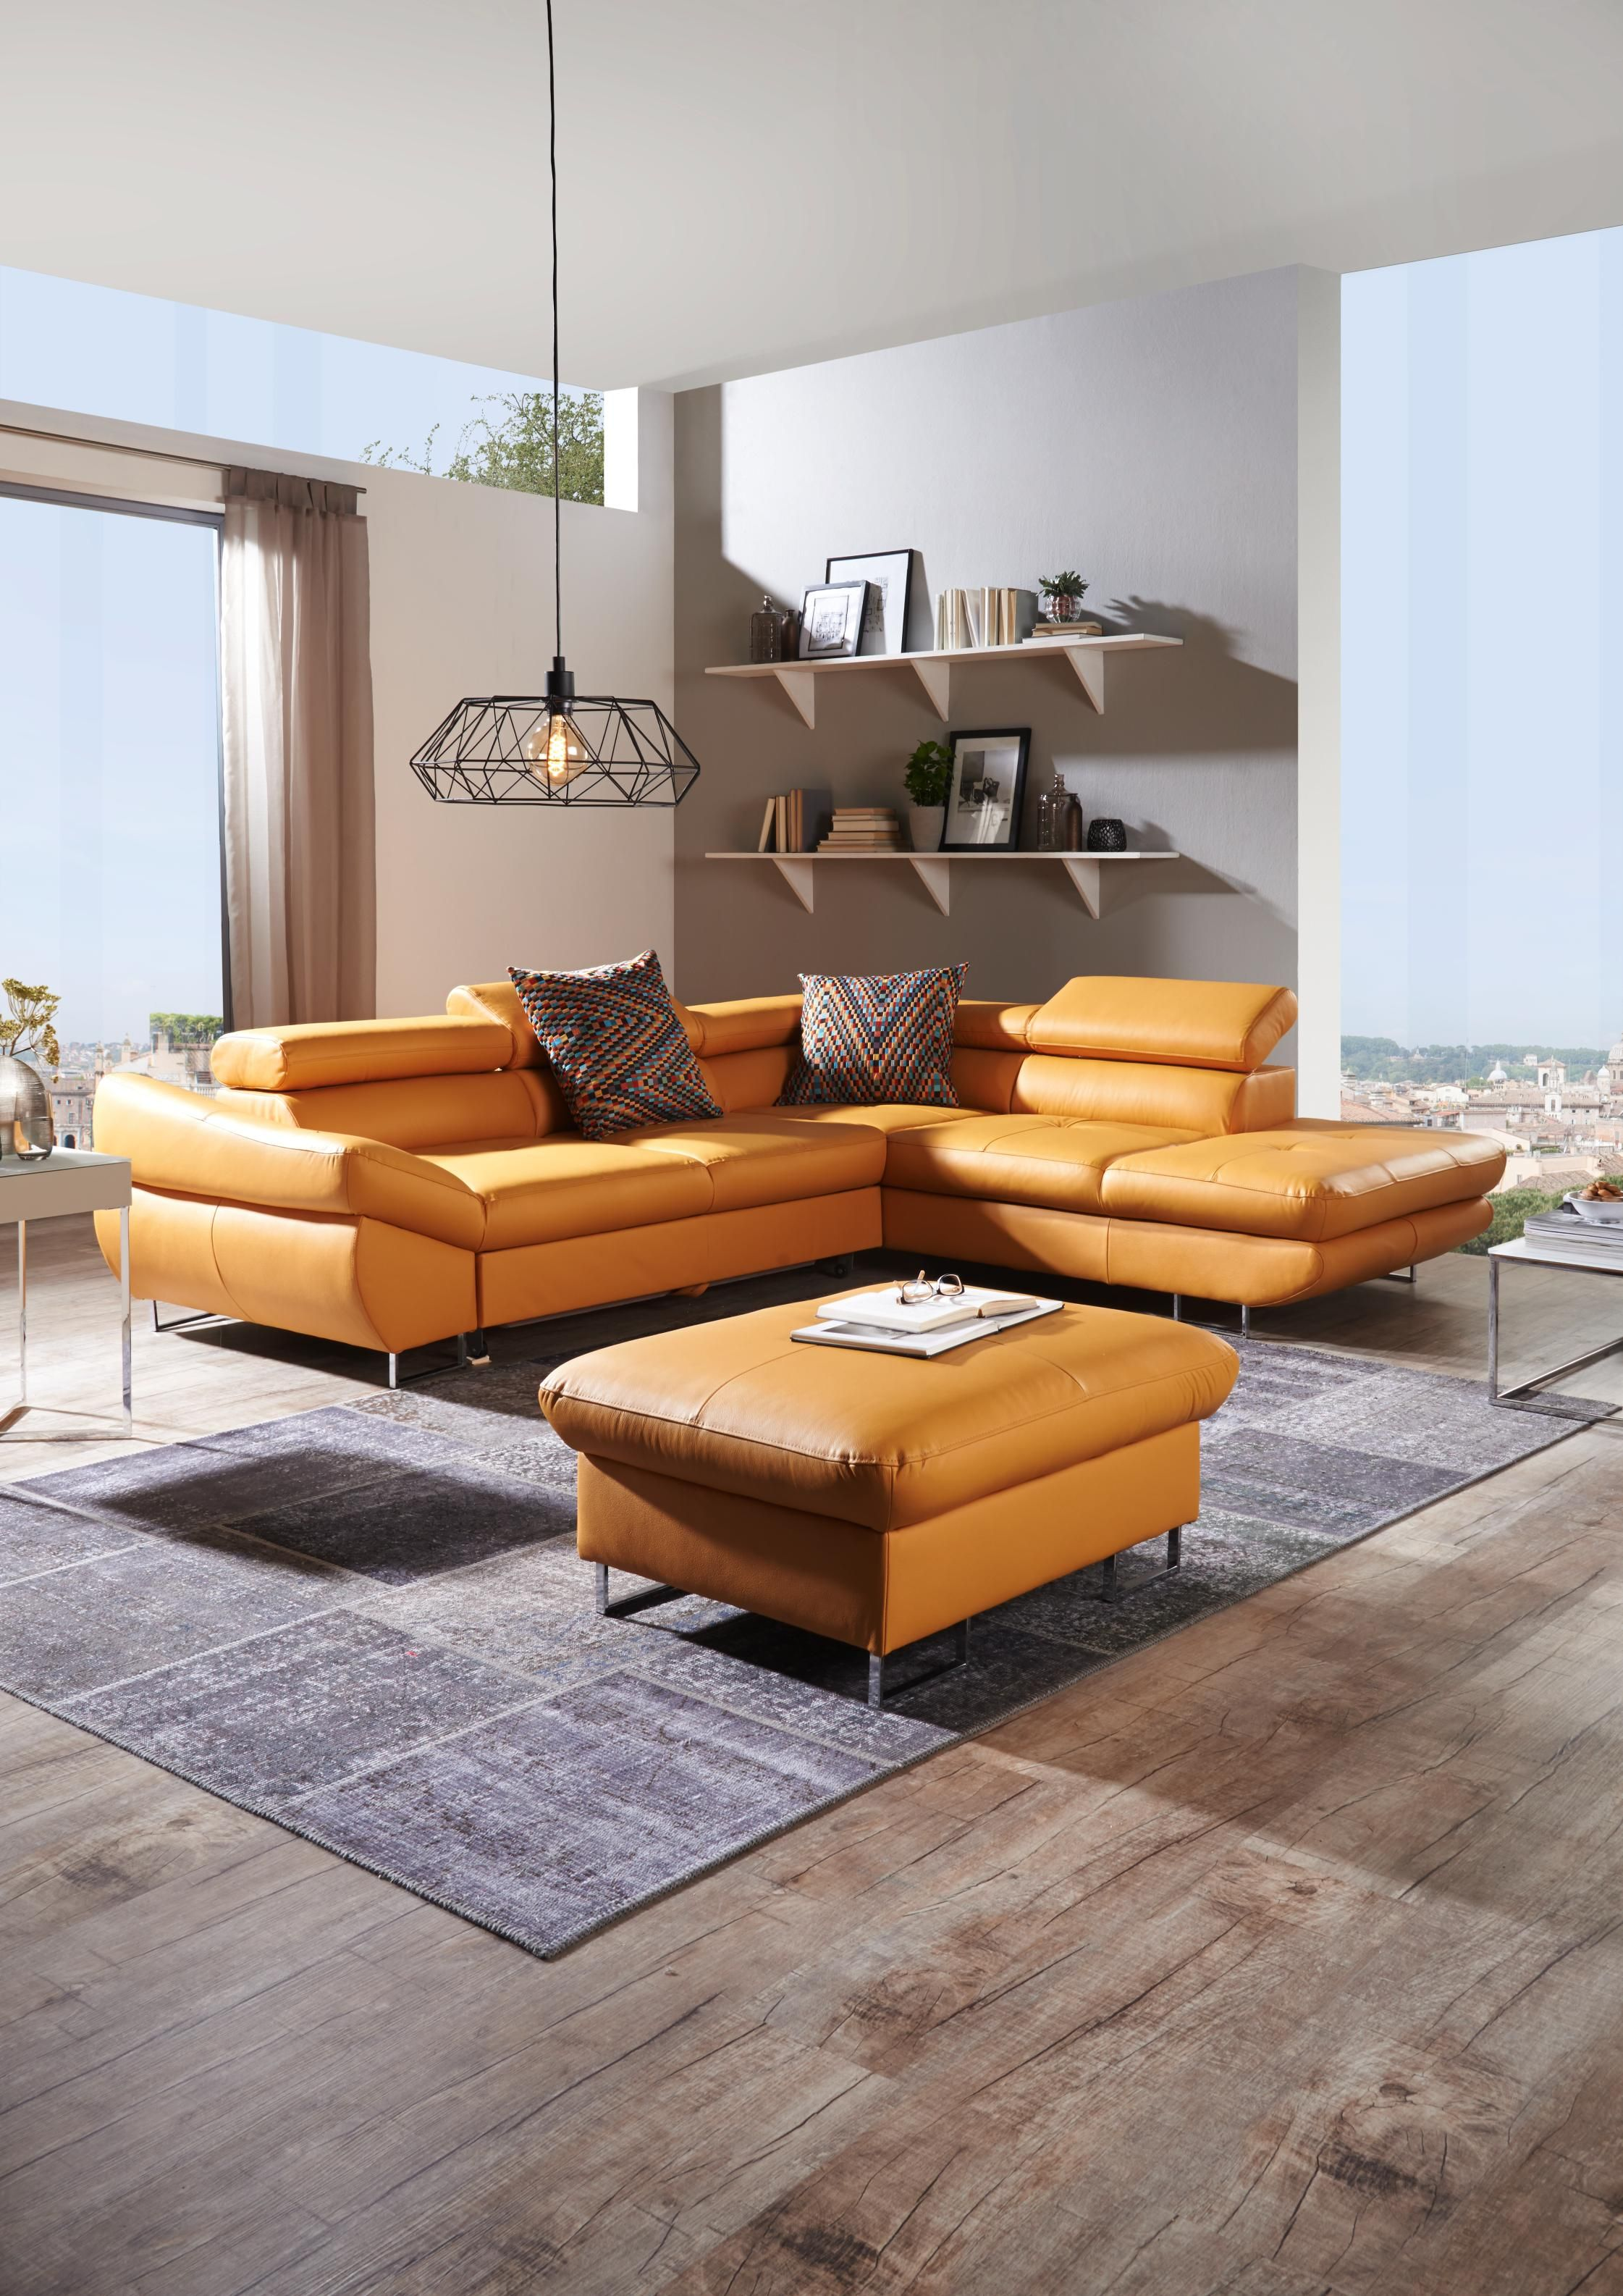 Leuchtende Wohnlandschaft Aus Echtem Leder Wohnzimmer Modern Couch Leder Haus Innenarchitektur